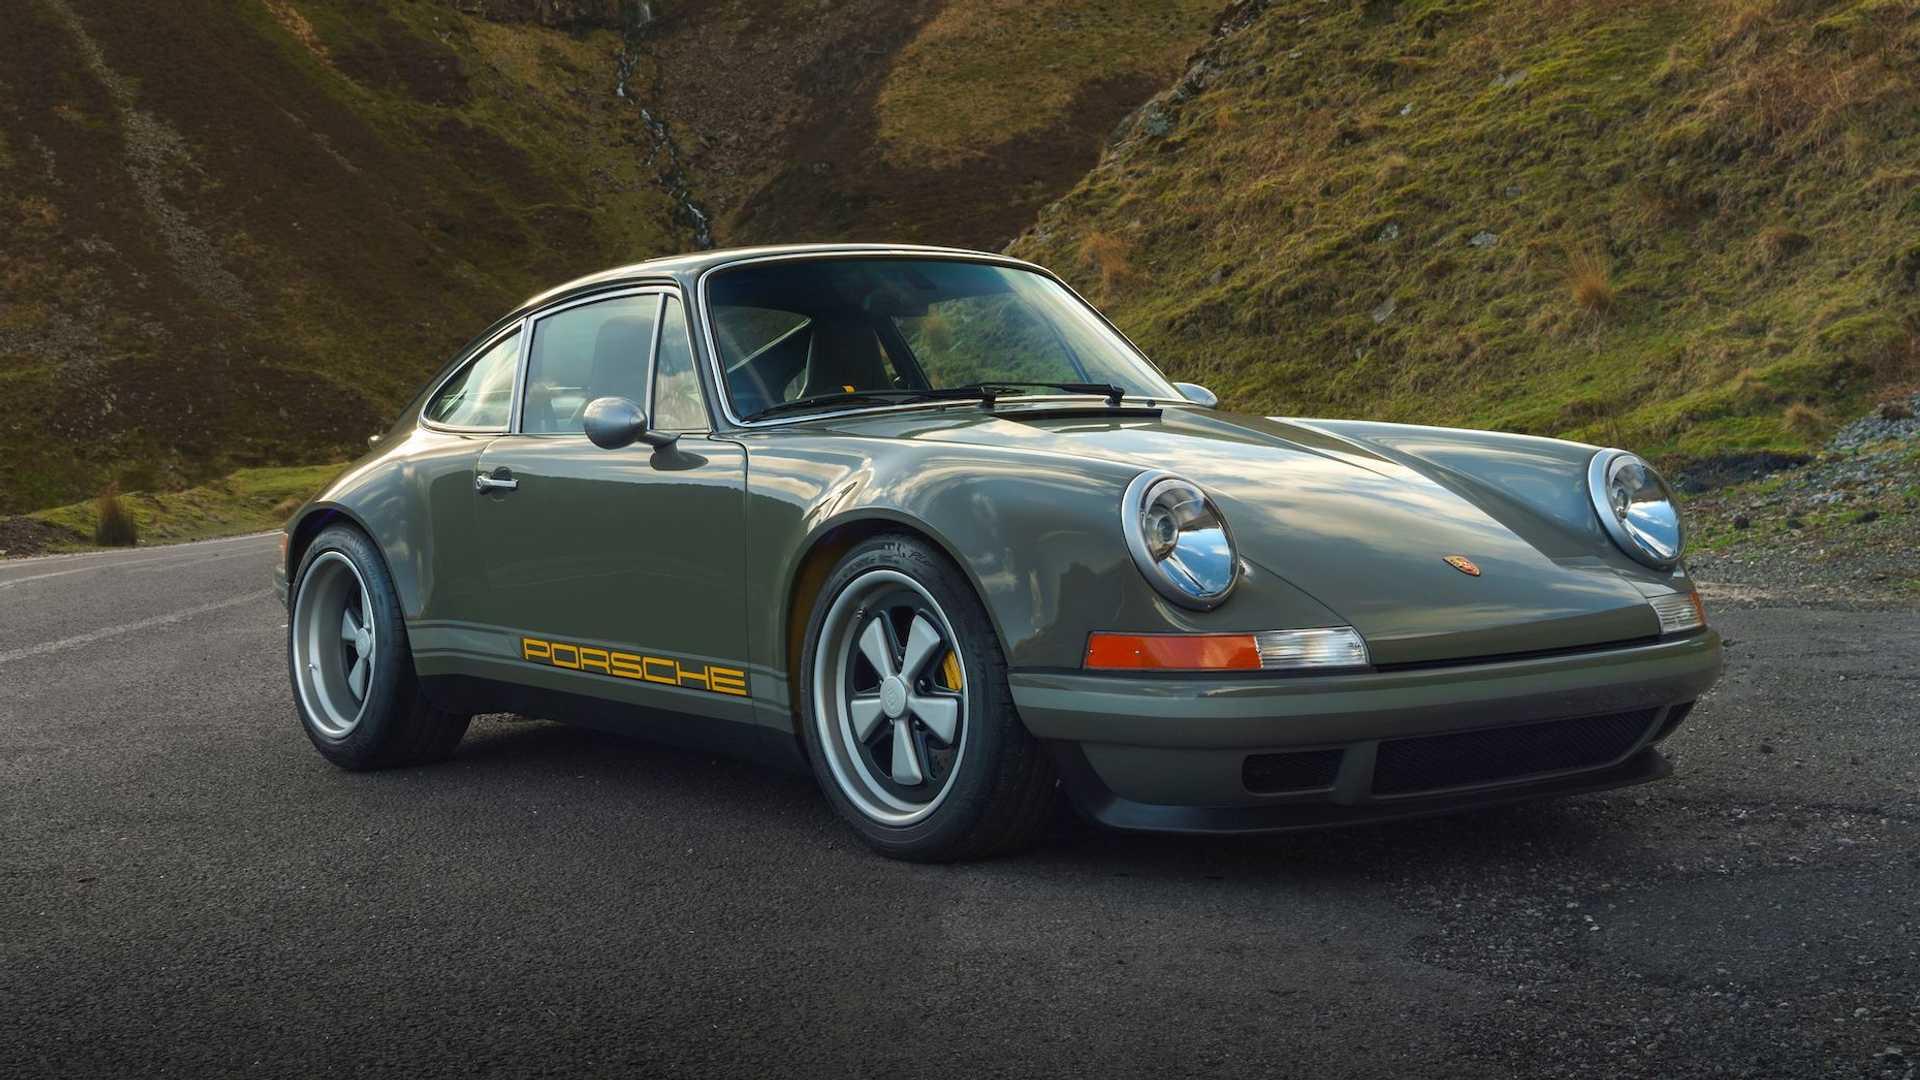 Theon-Design-HK002-Porsche-911-43